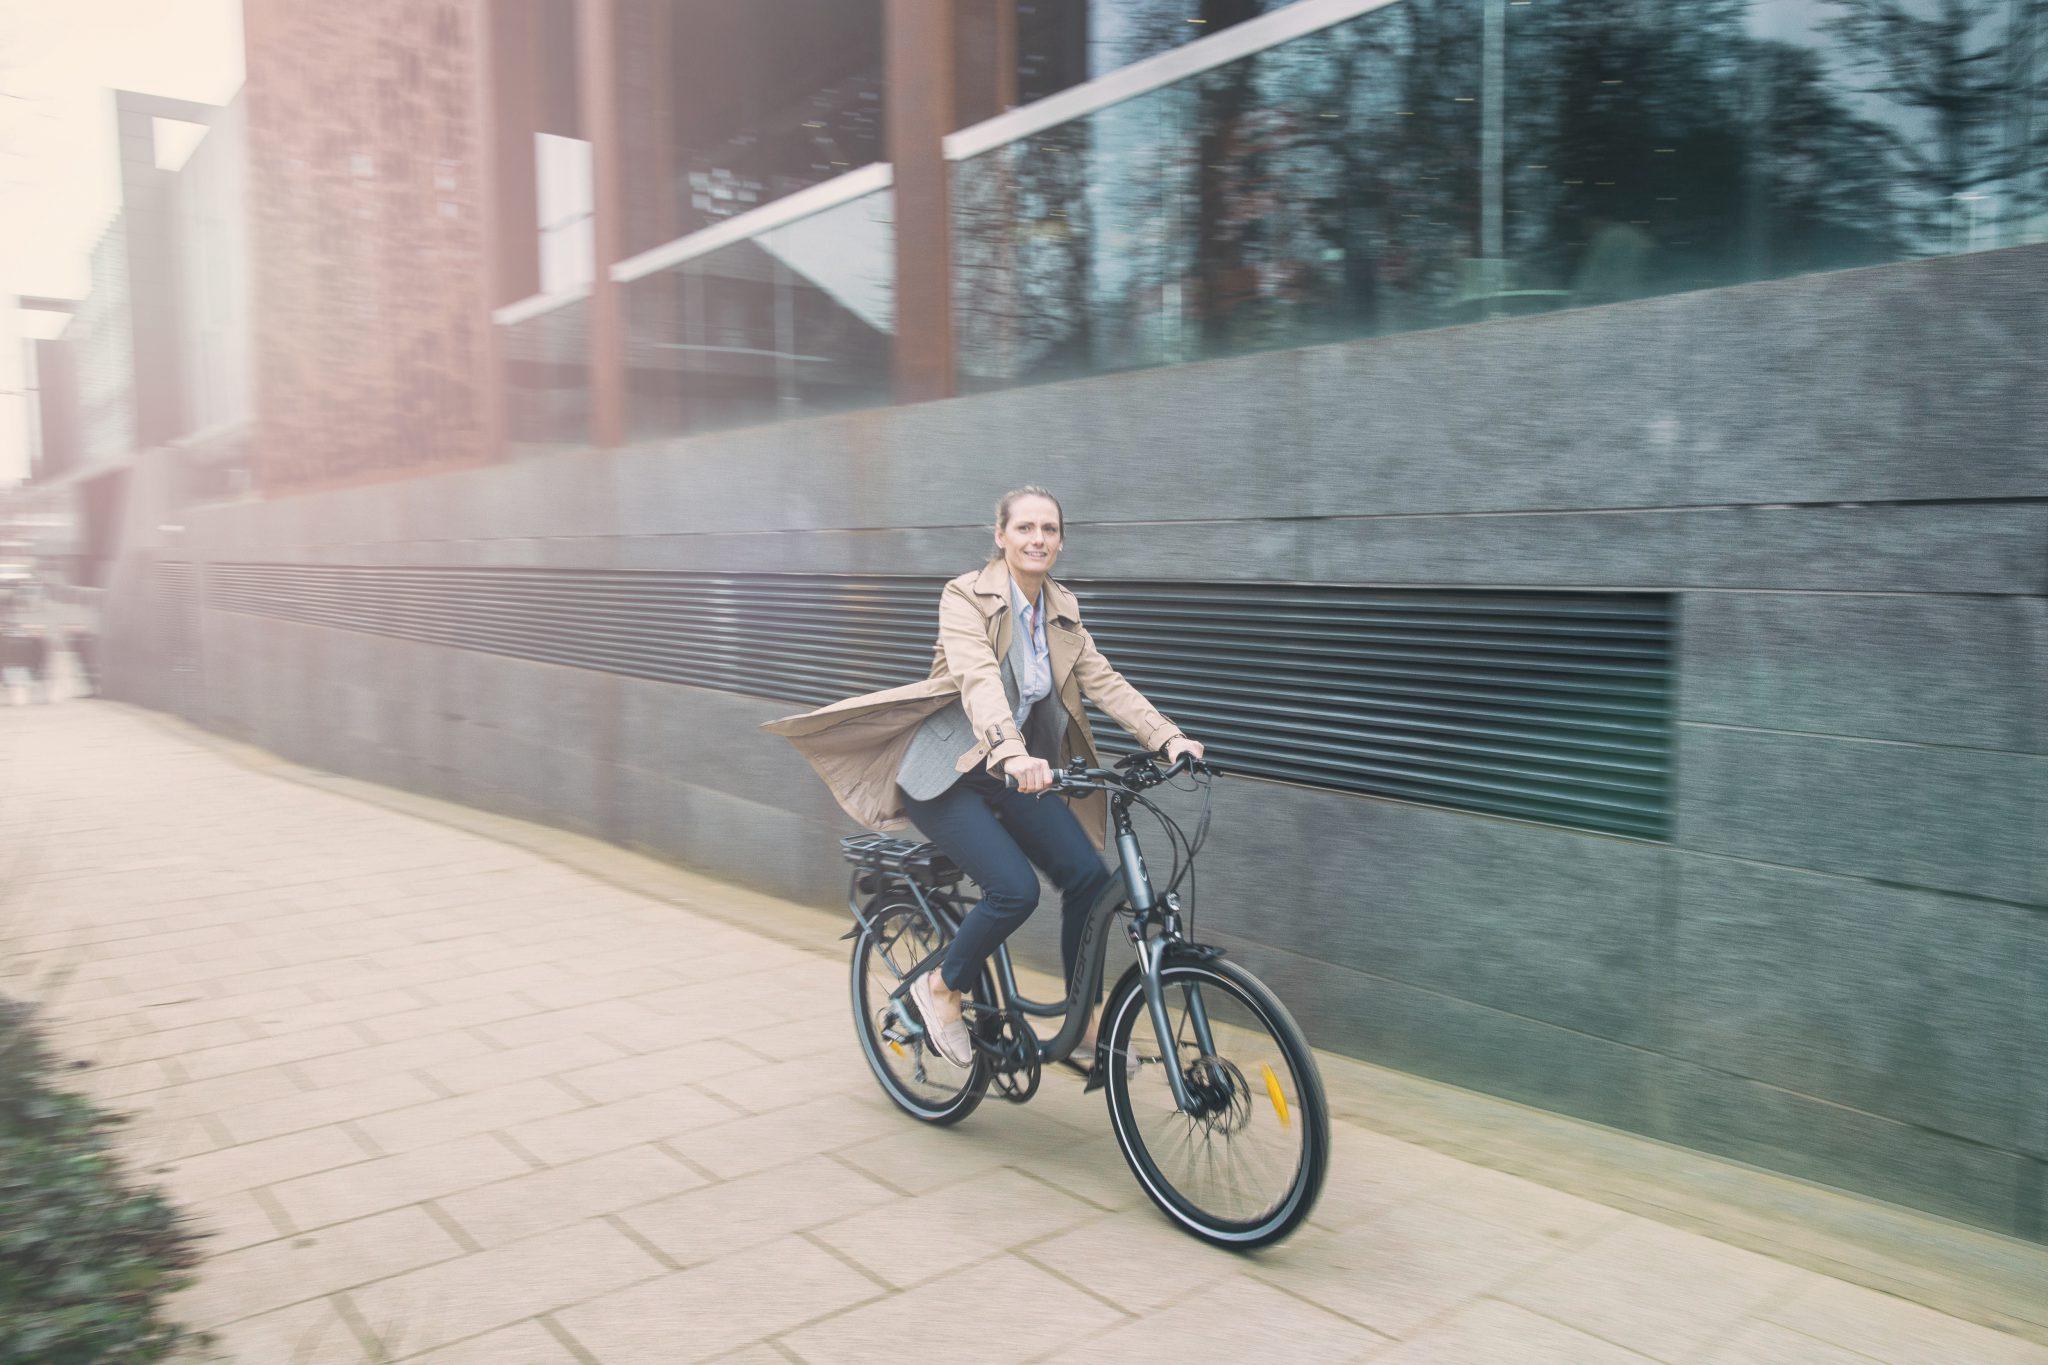 Bici eletrica economica conviene acquisto